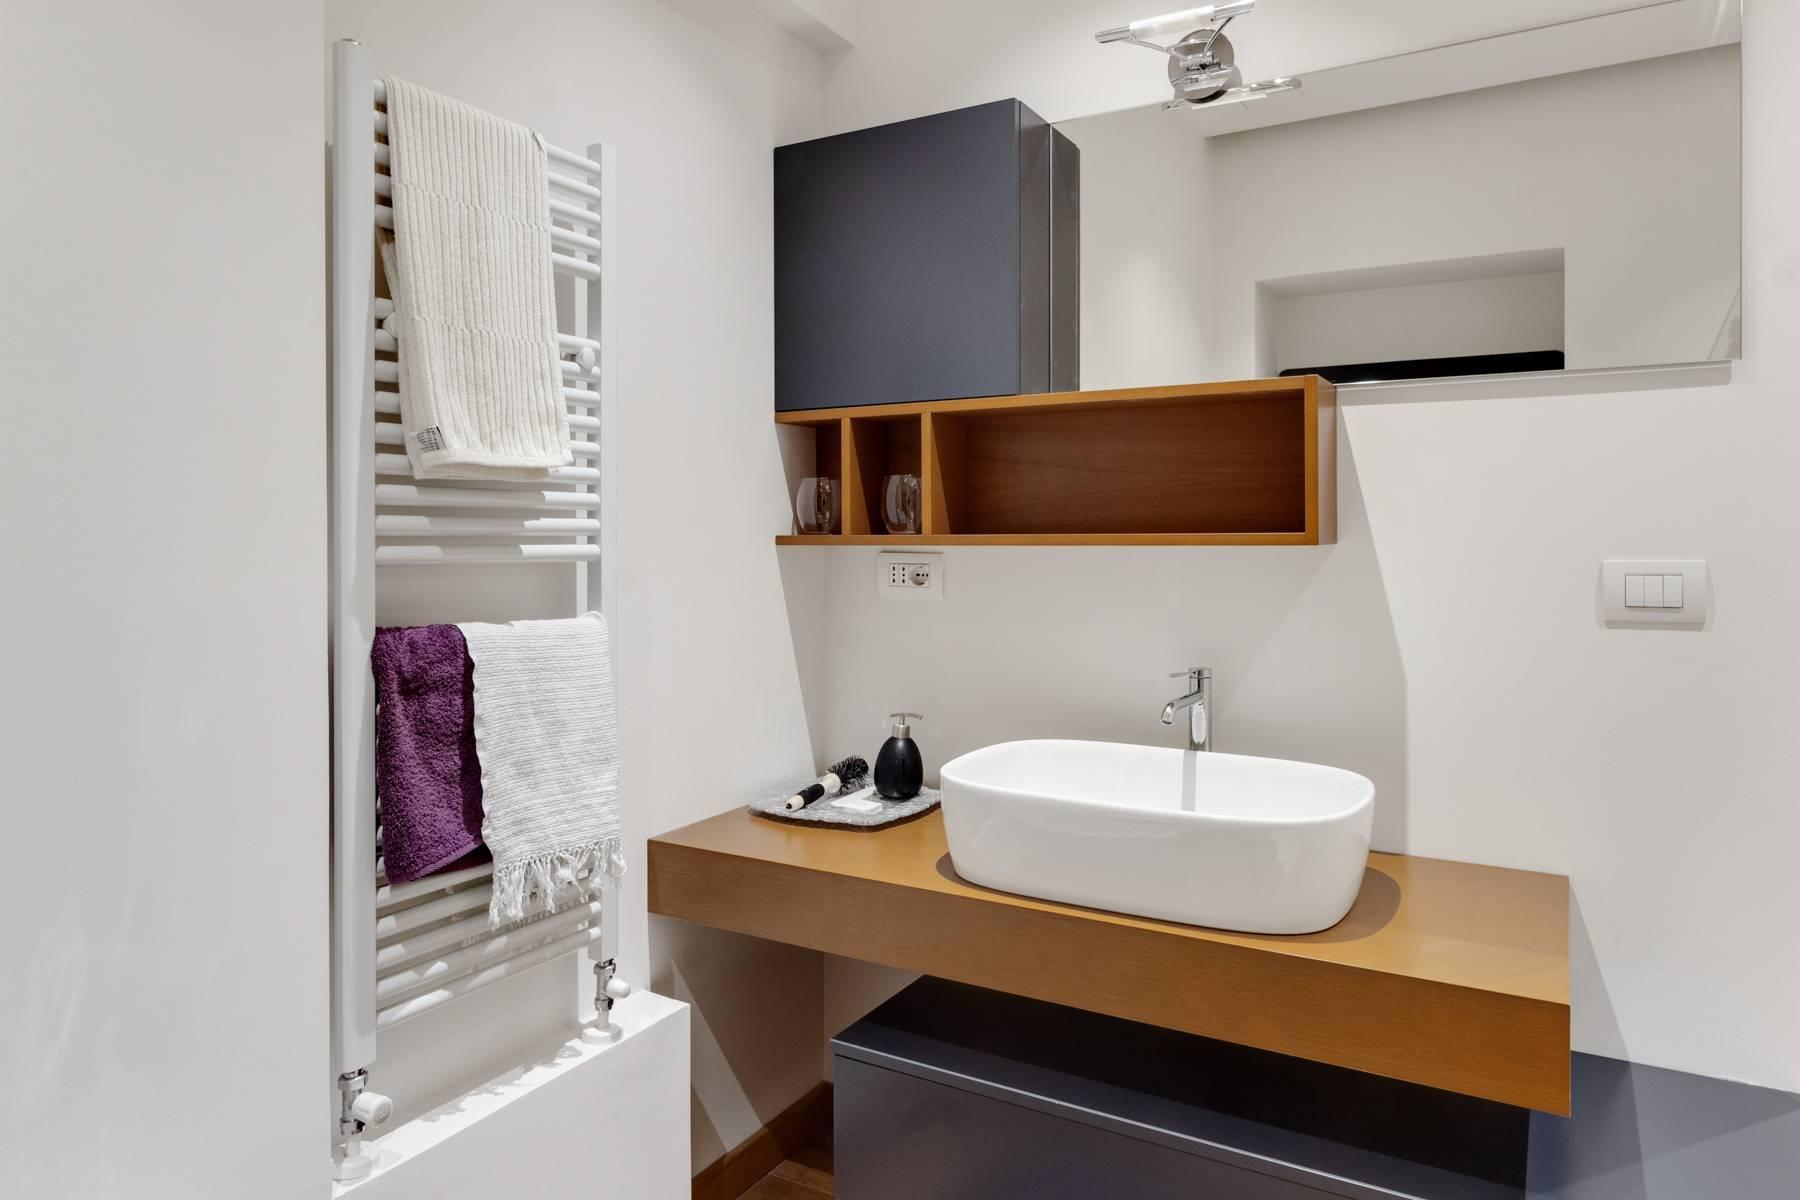 Appartamento in Affitto a Torino: 3 locali, 86 mq - Foto 10